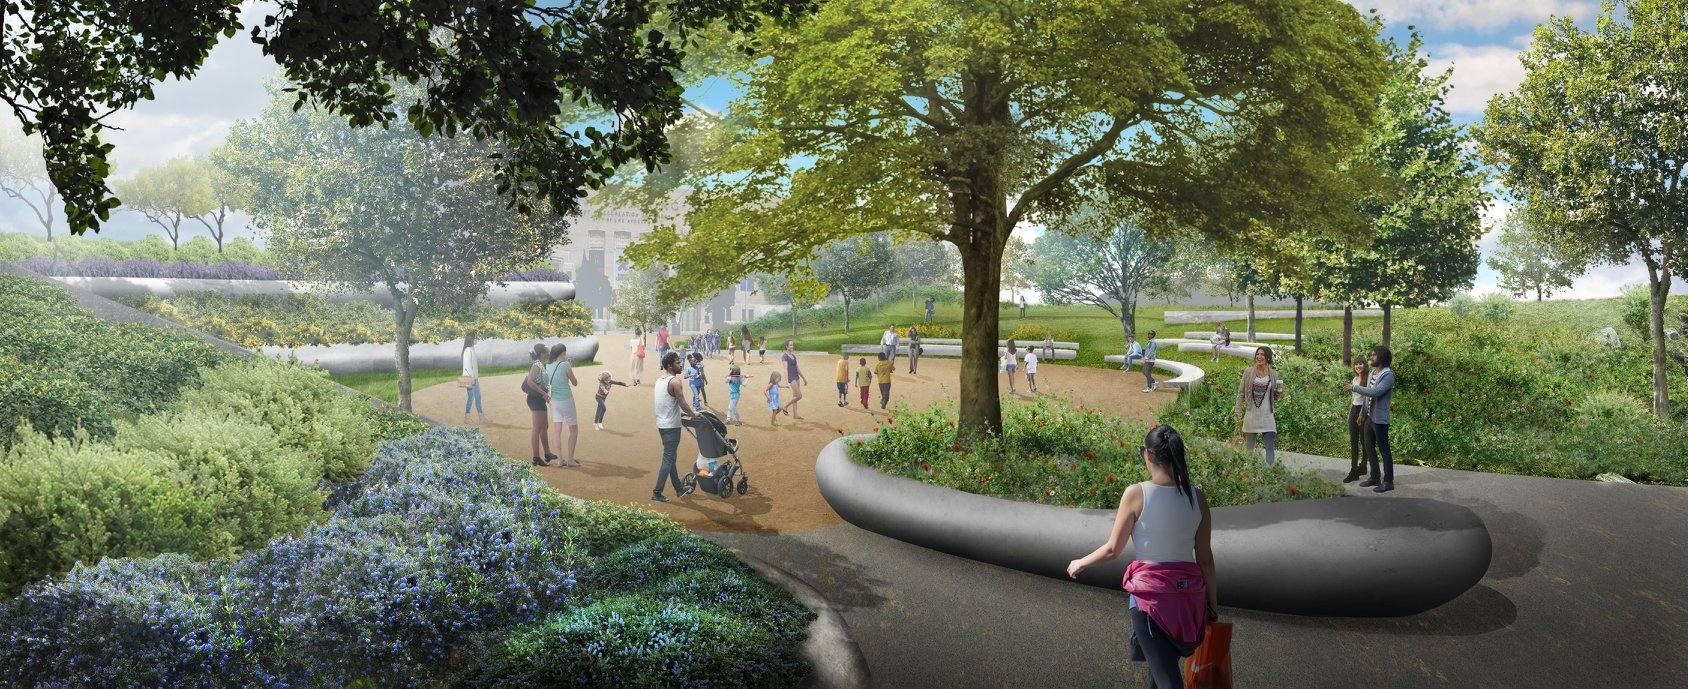 Lucas Museum gardens rendering